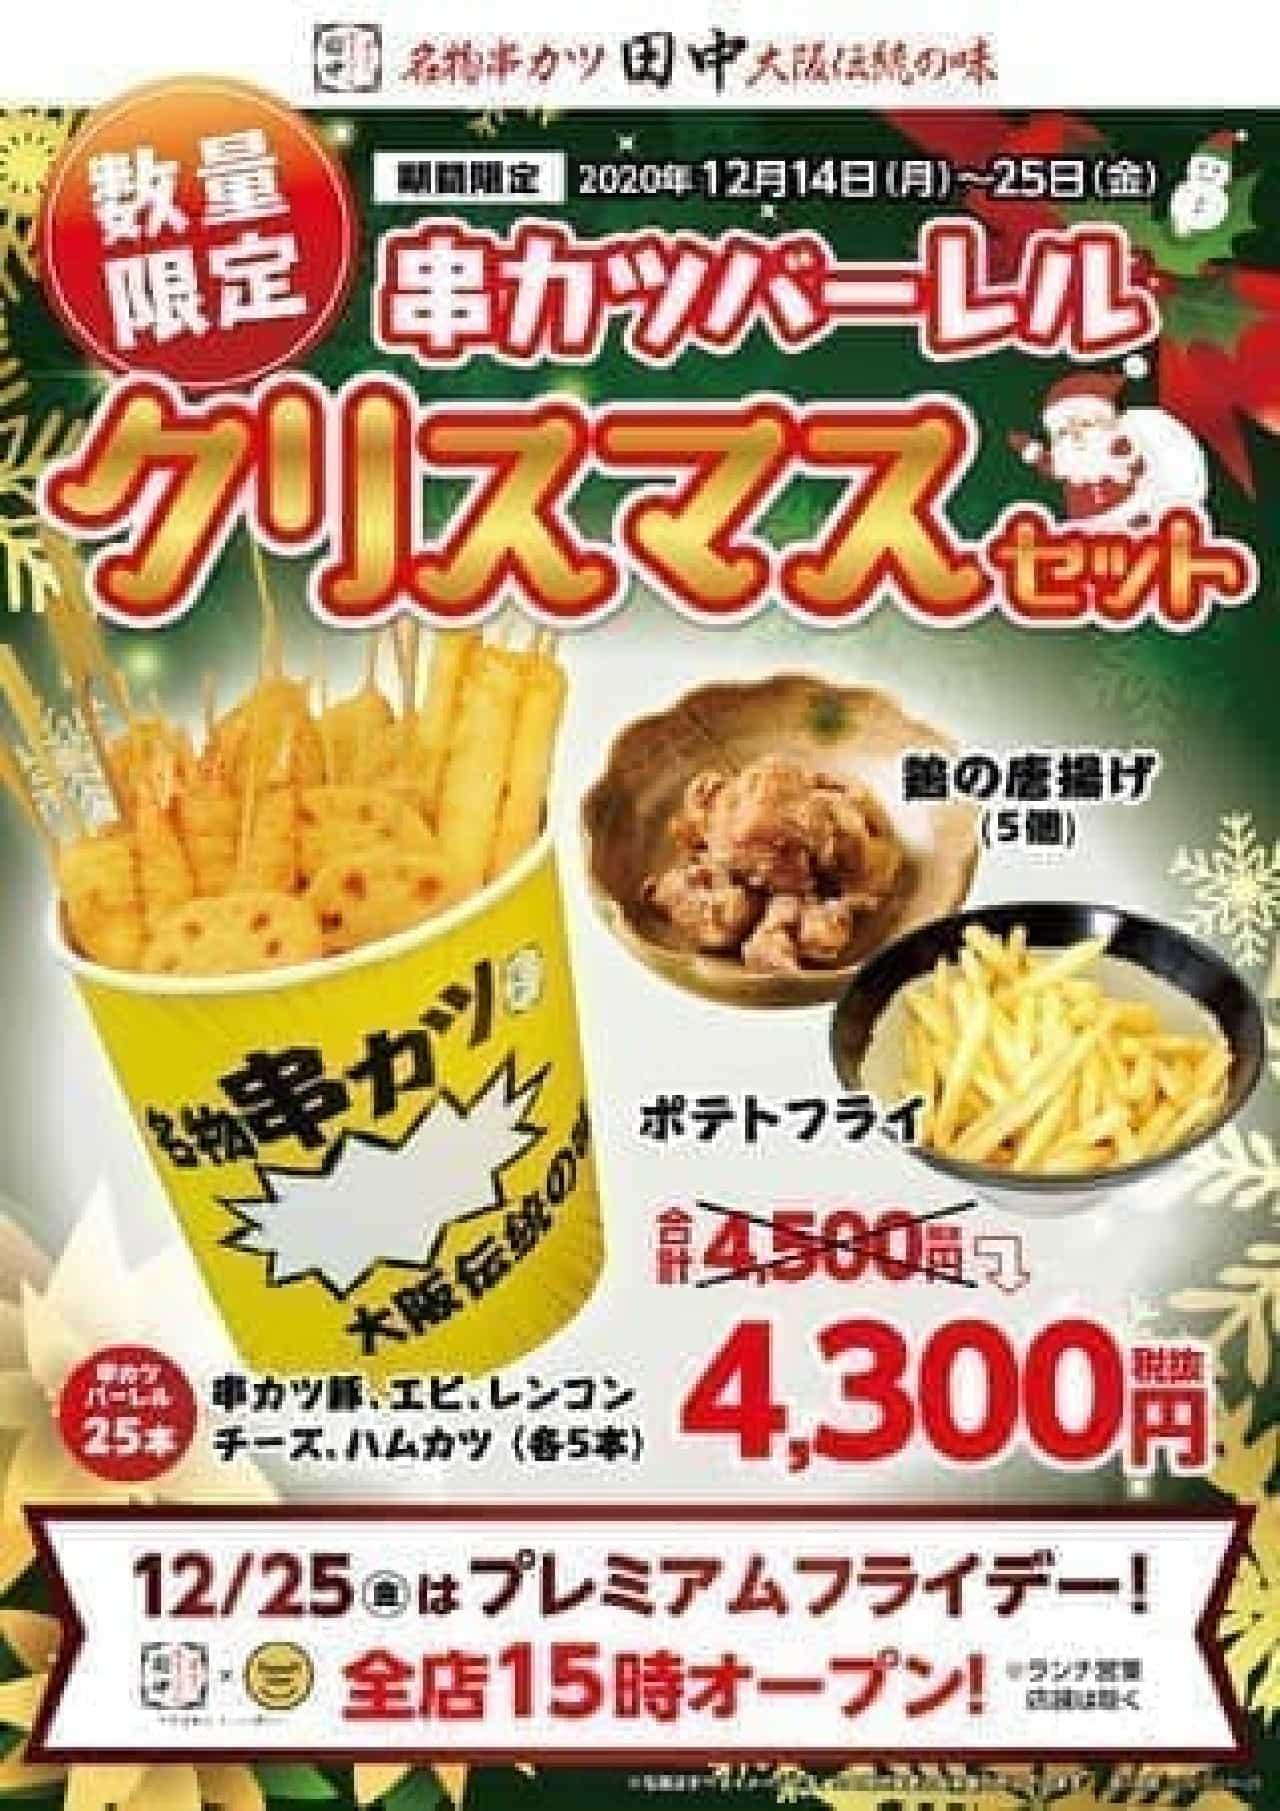 串カツバーレル クリスマス限定セット